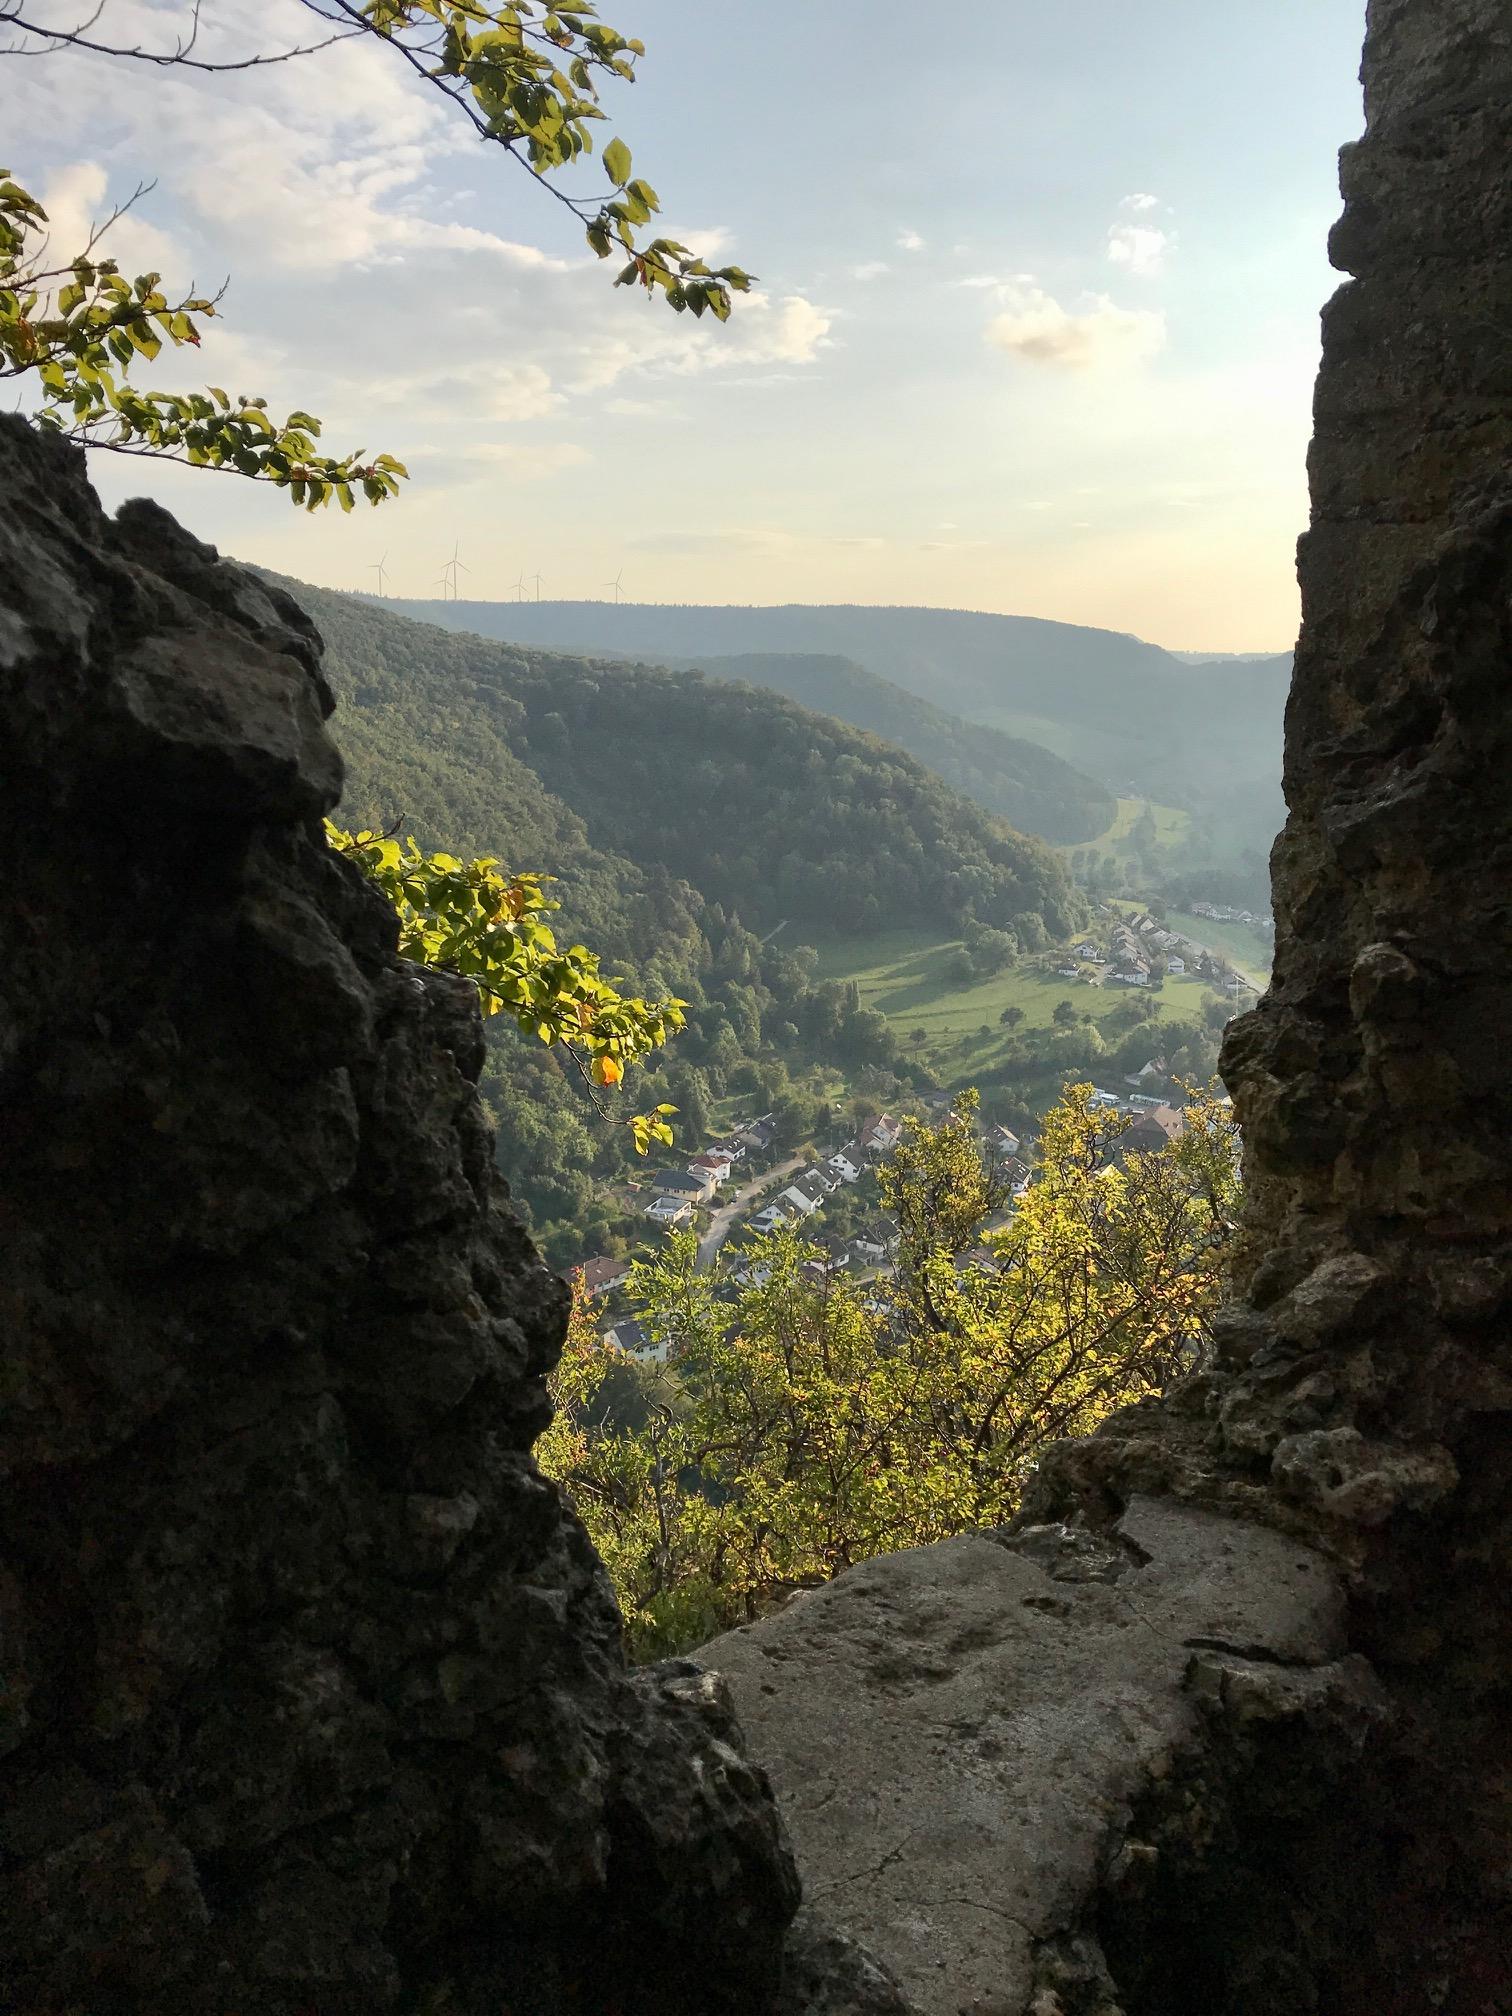 Blick auf Heubach von der Burg Rosenstein, Albsteig, Etappe 4